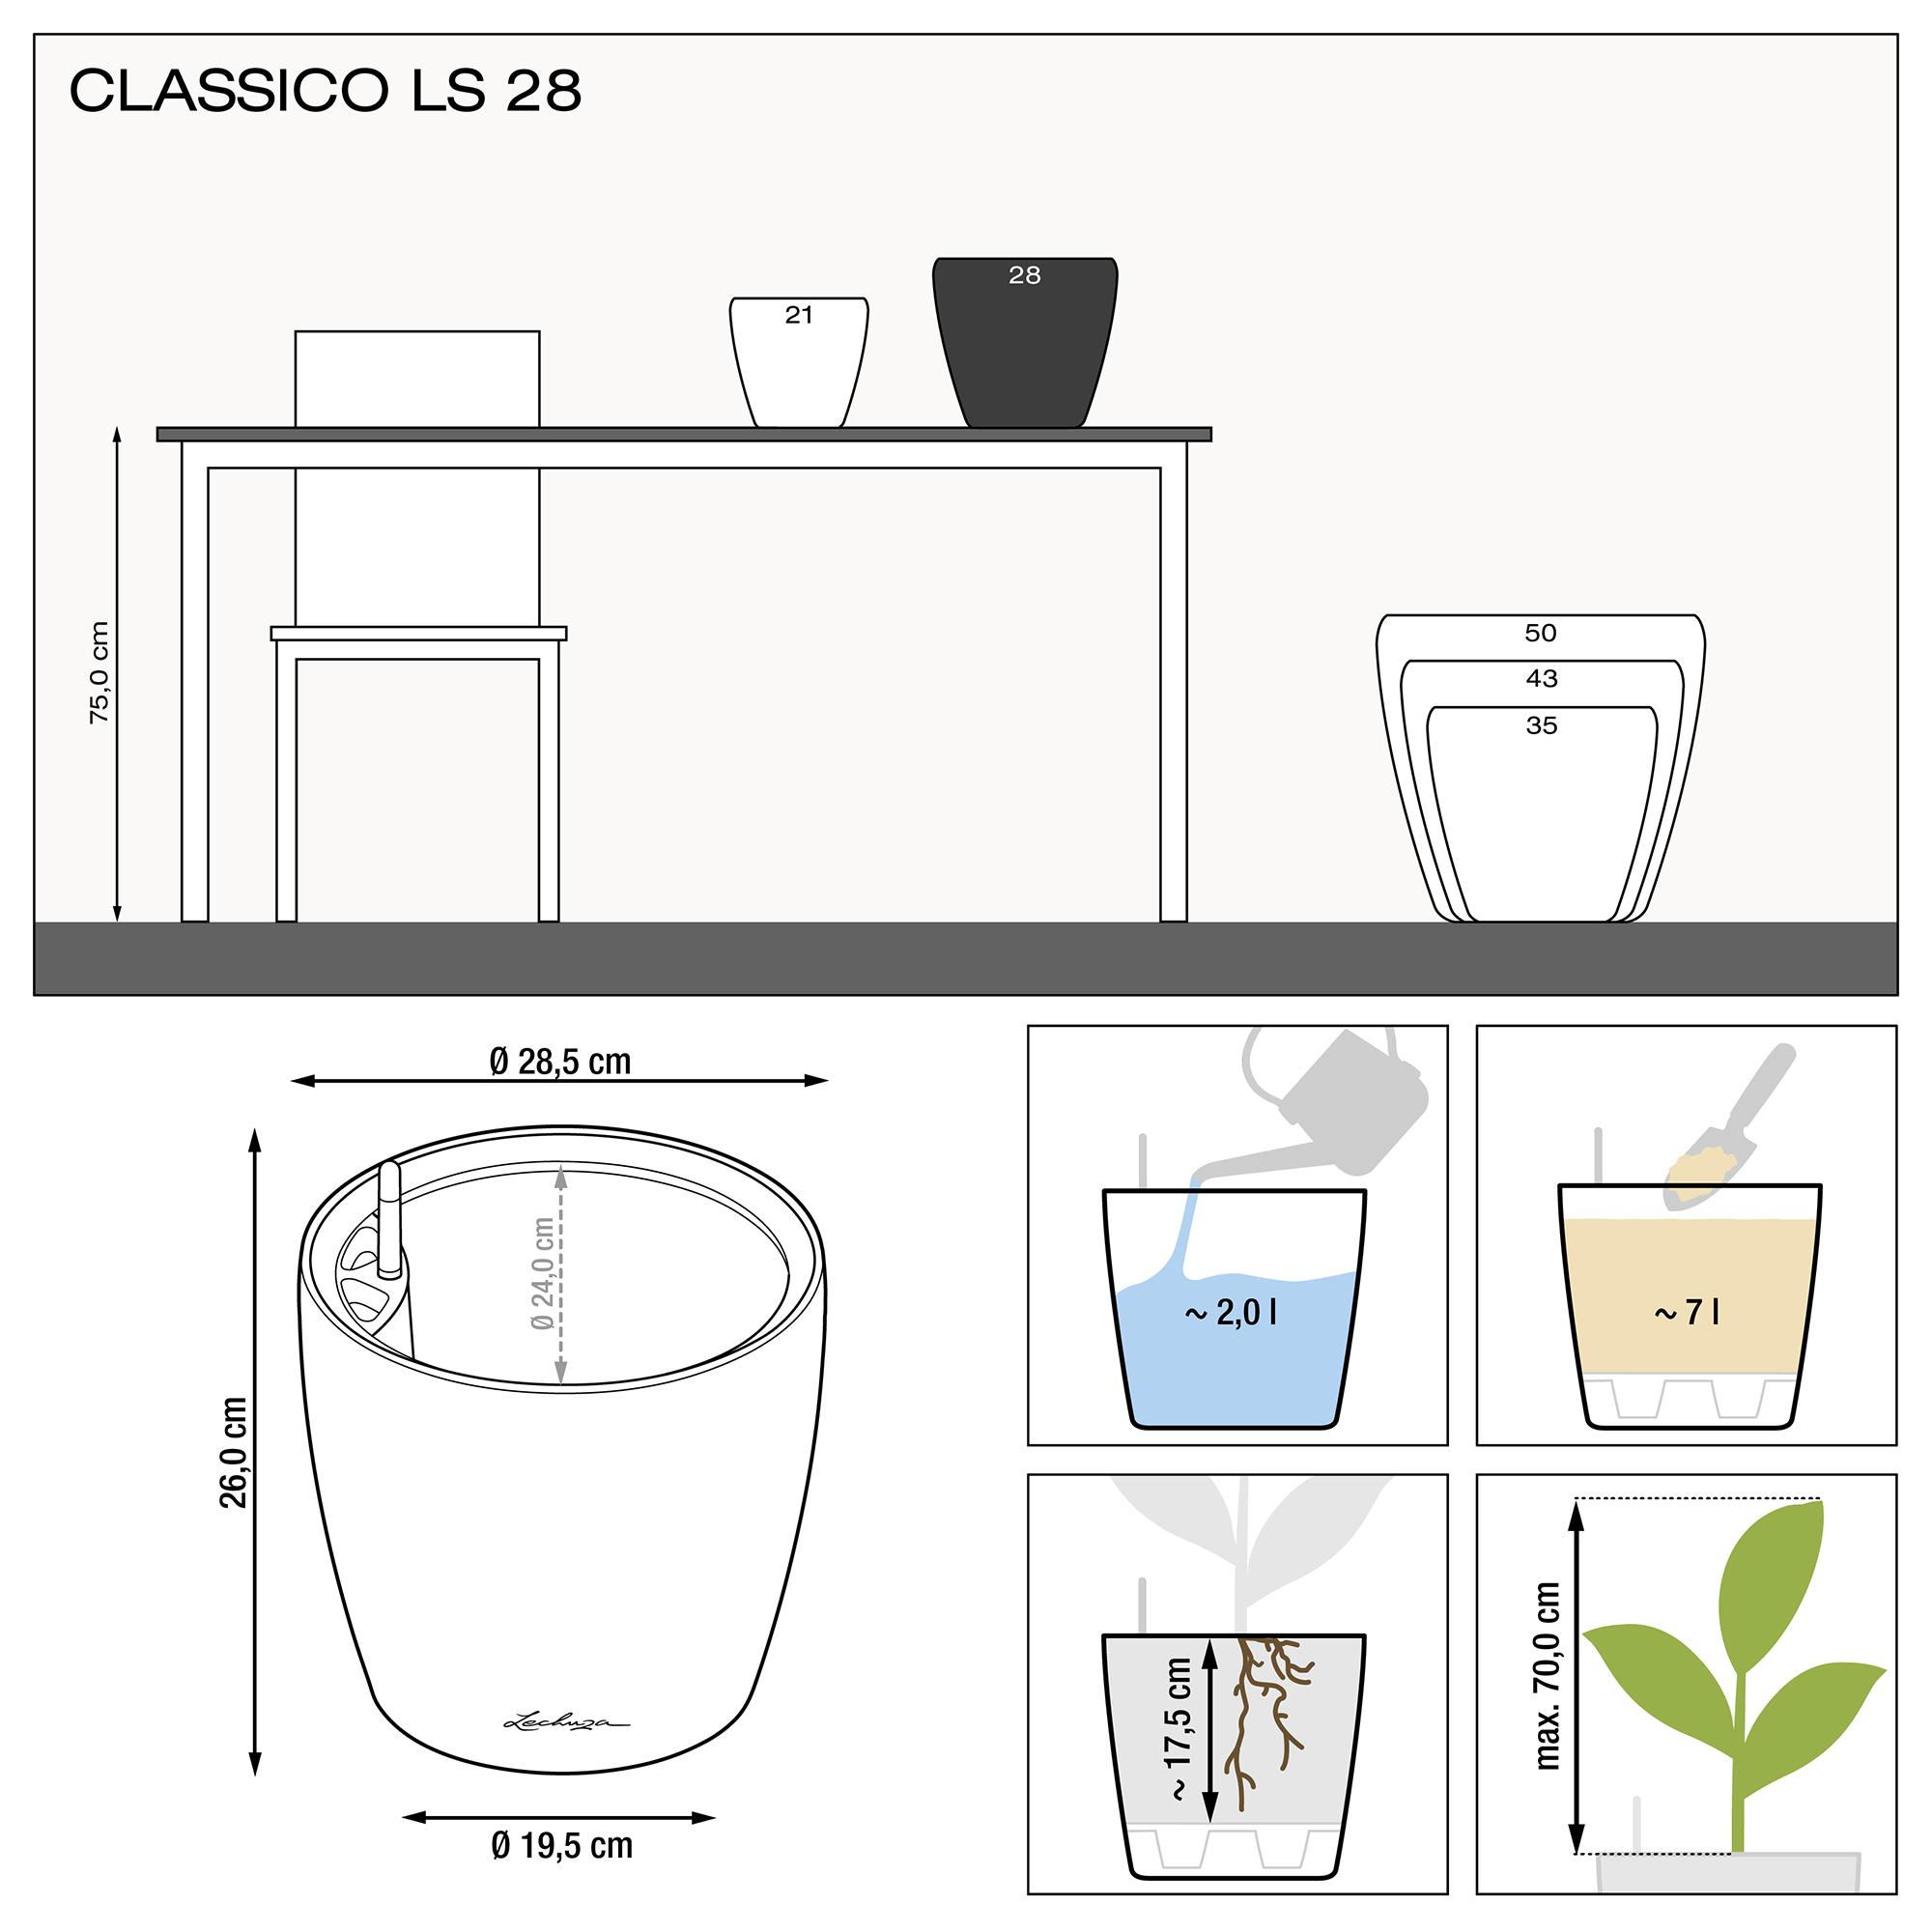 CLASSICO LS 28 noir brillant - Image 3